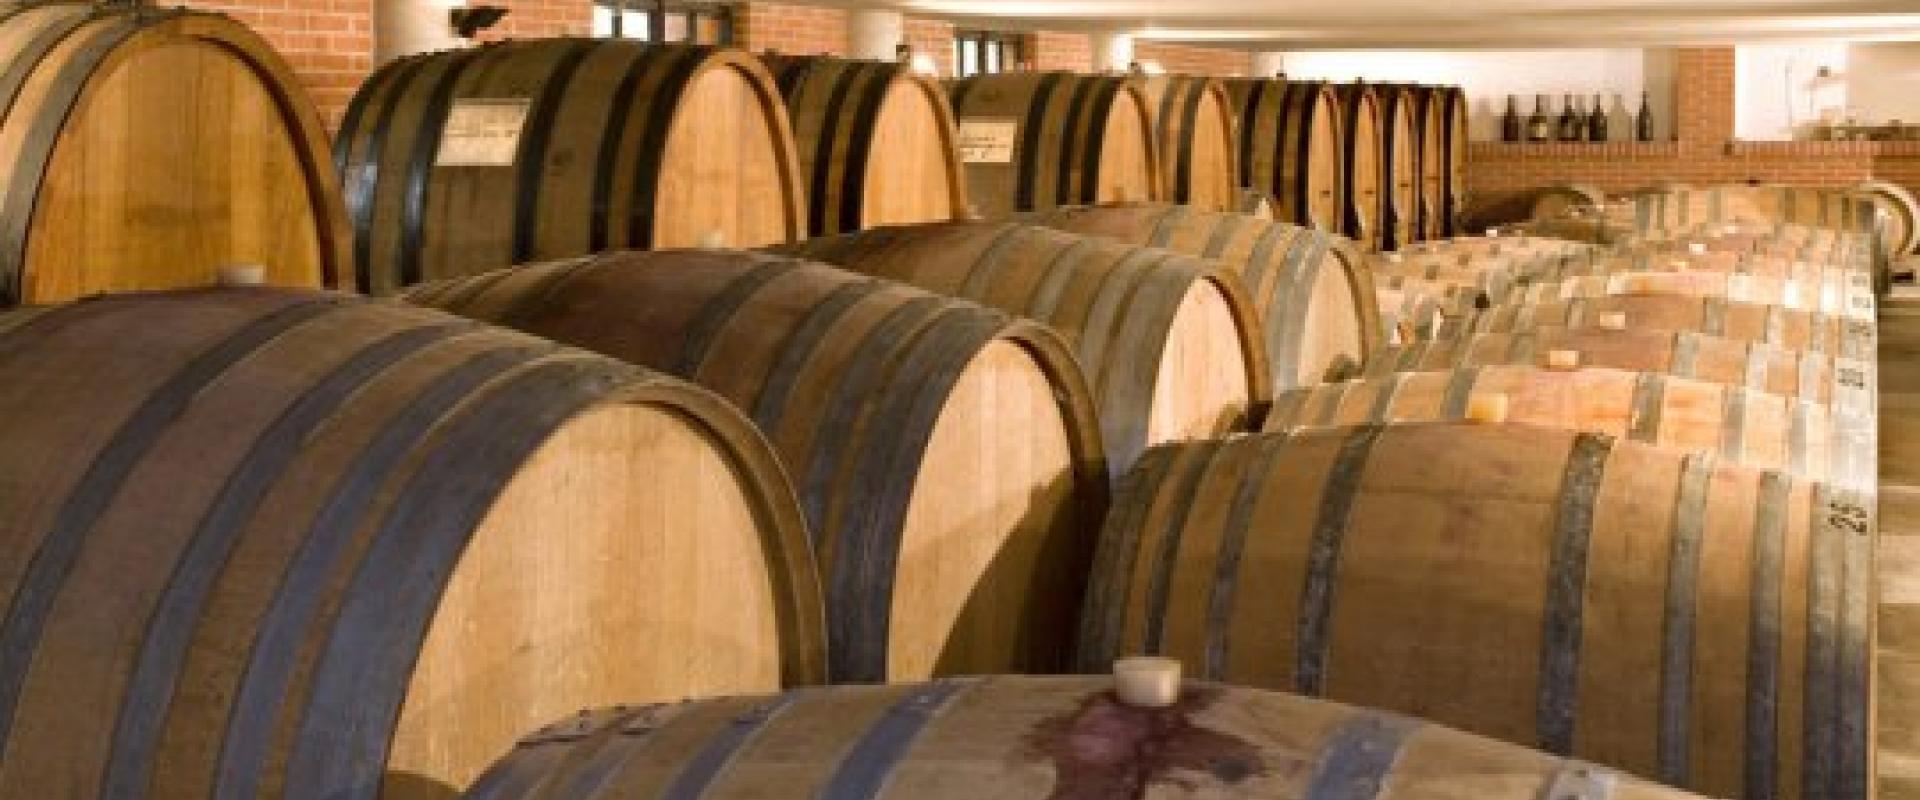 tasting of wine in Langhe